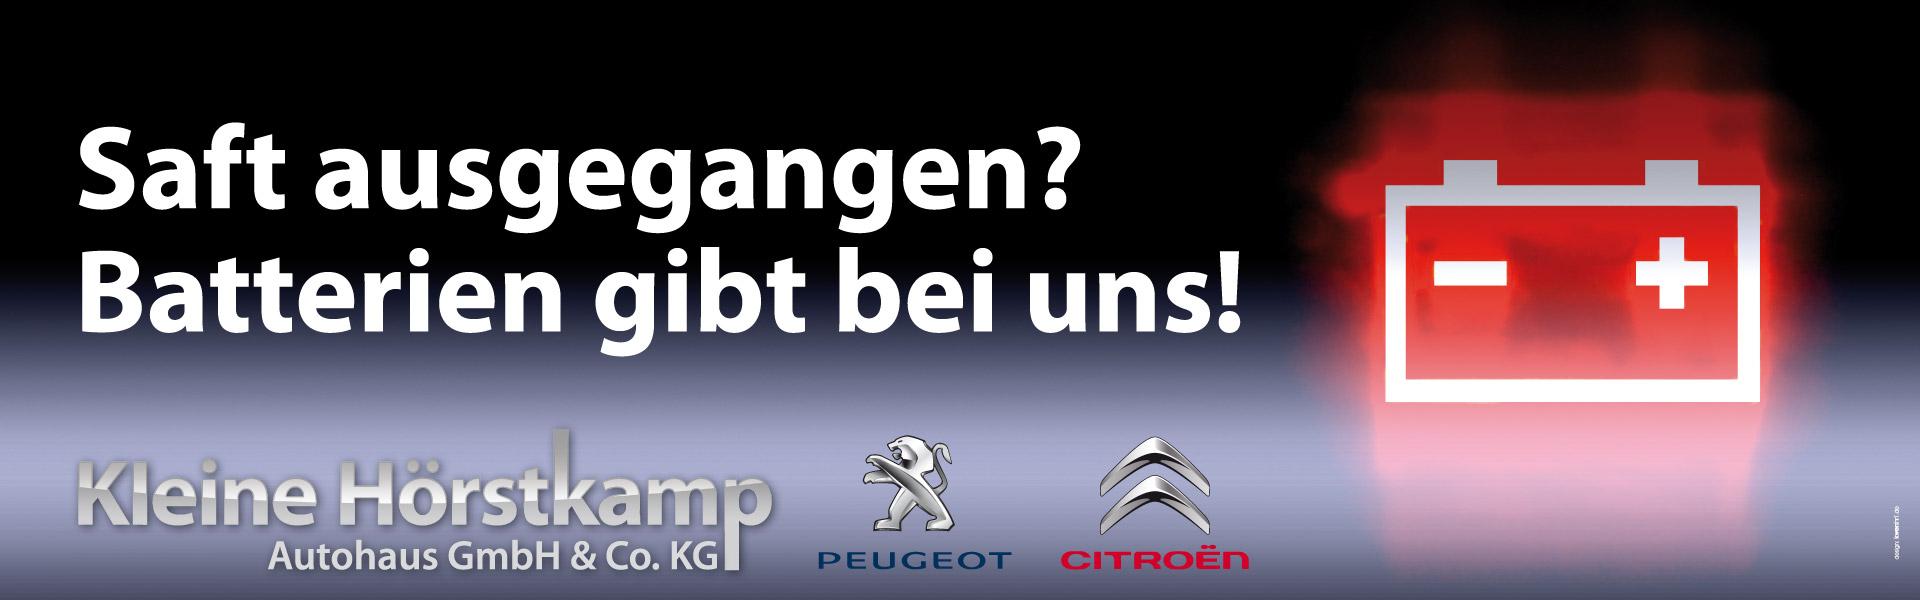 Banner_Kleine-Hörstkamp_Batterien